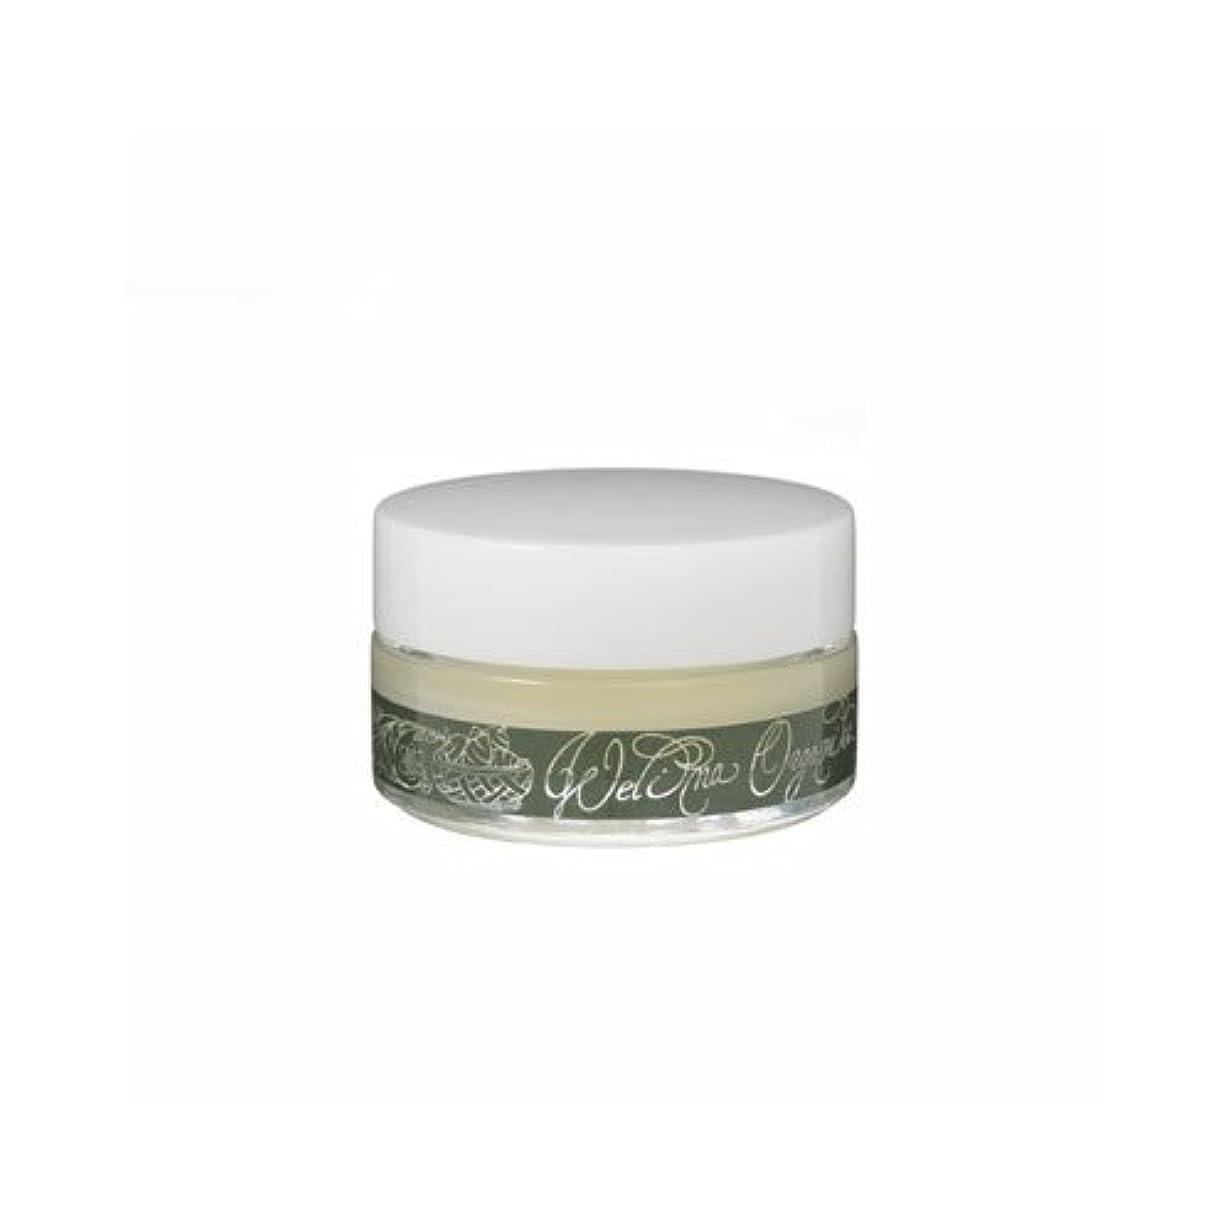 うま手段感嘆符ウェリナオーガニクス ラブミーバター (保湿バーム) 30g